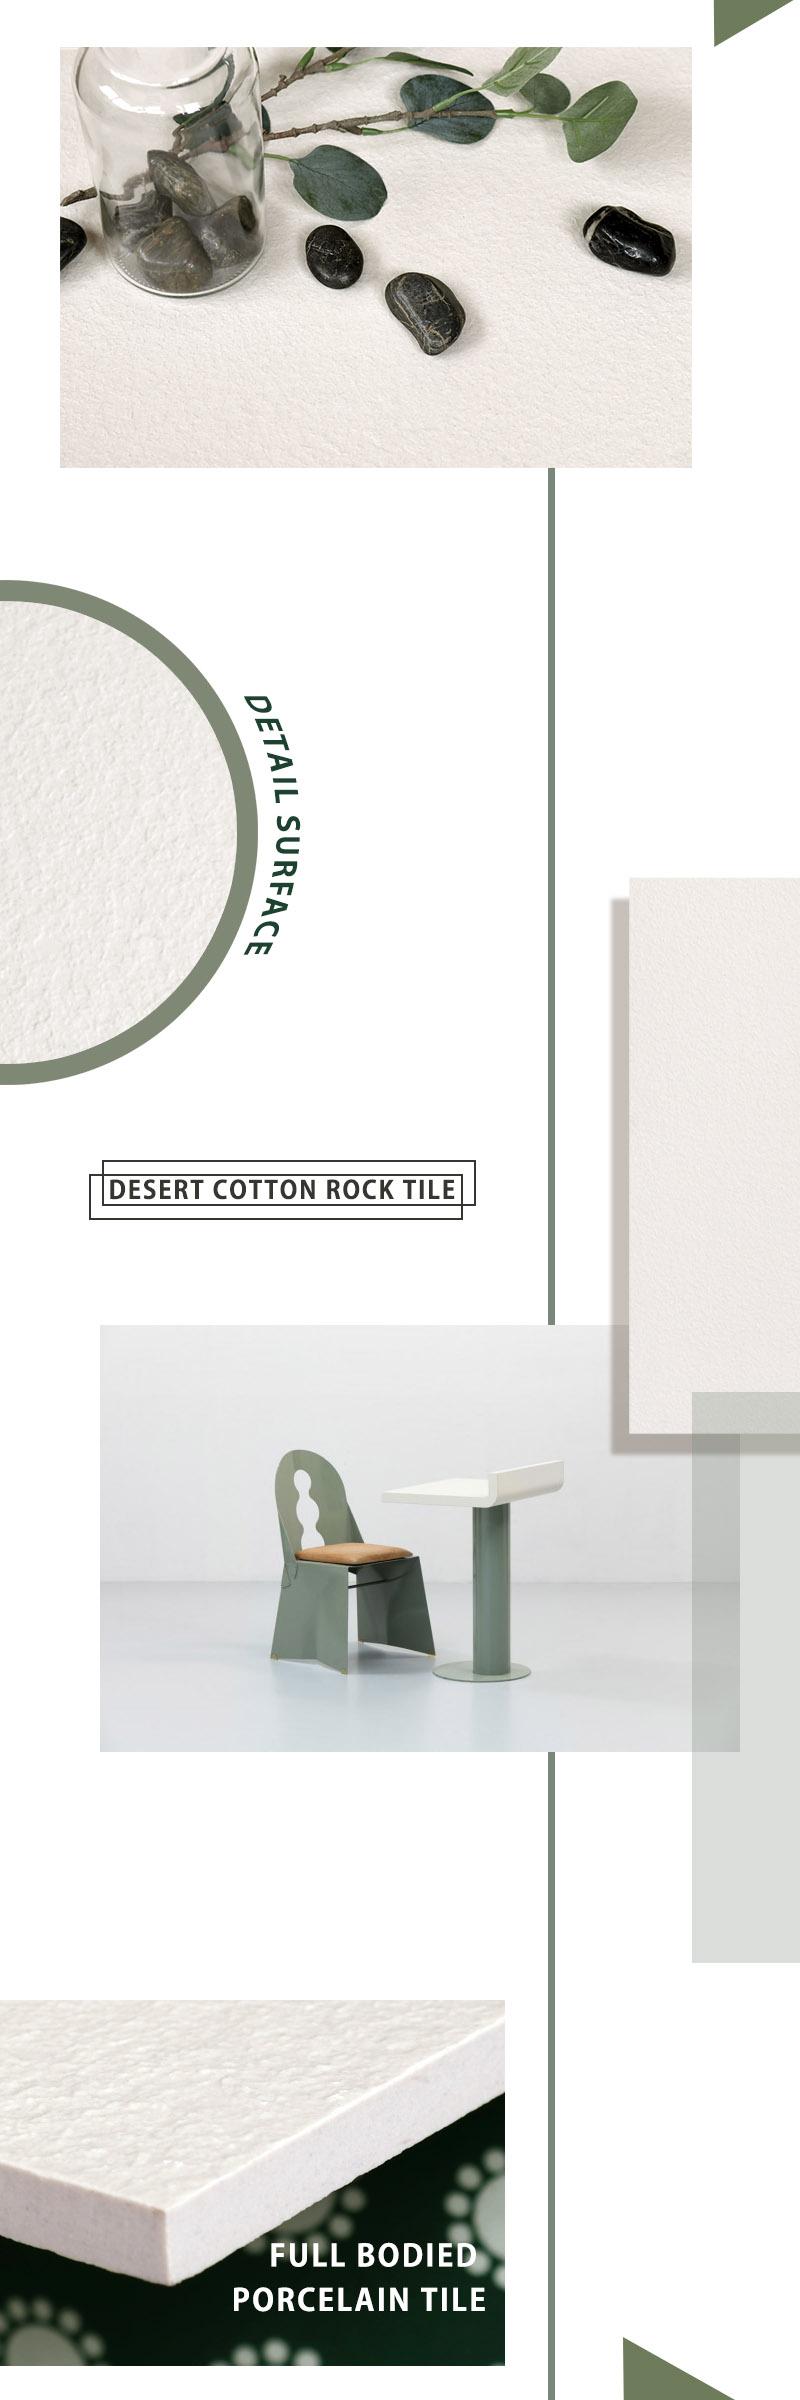 desert cottone bush hammer 01